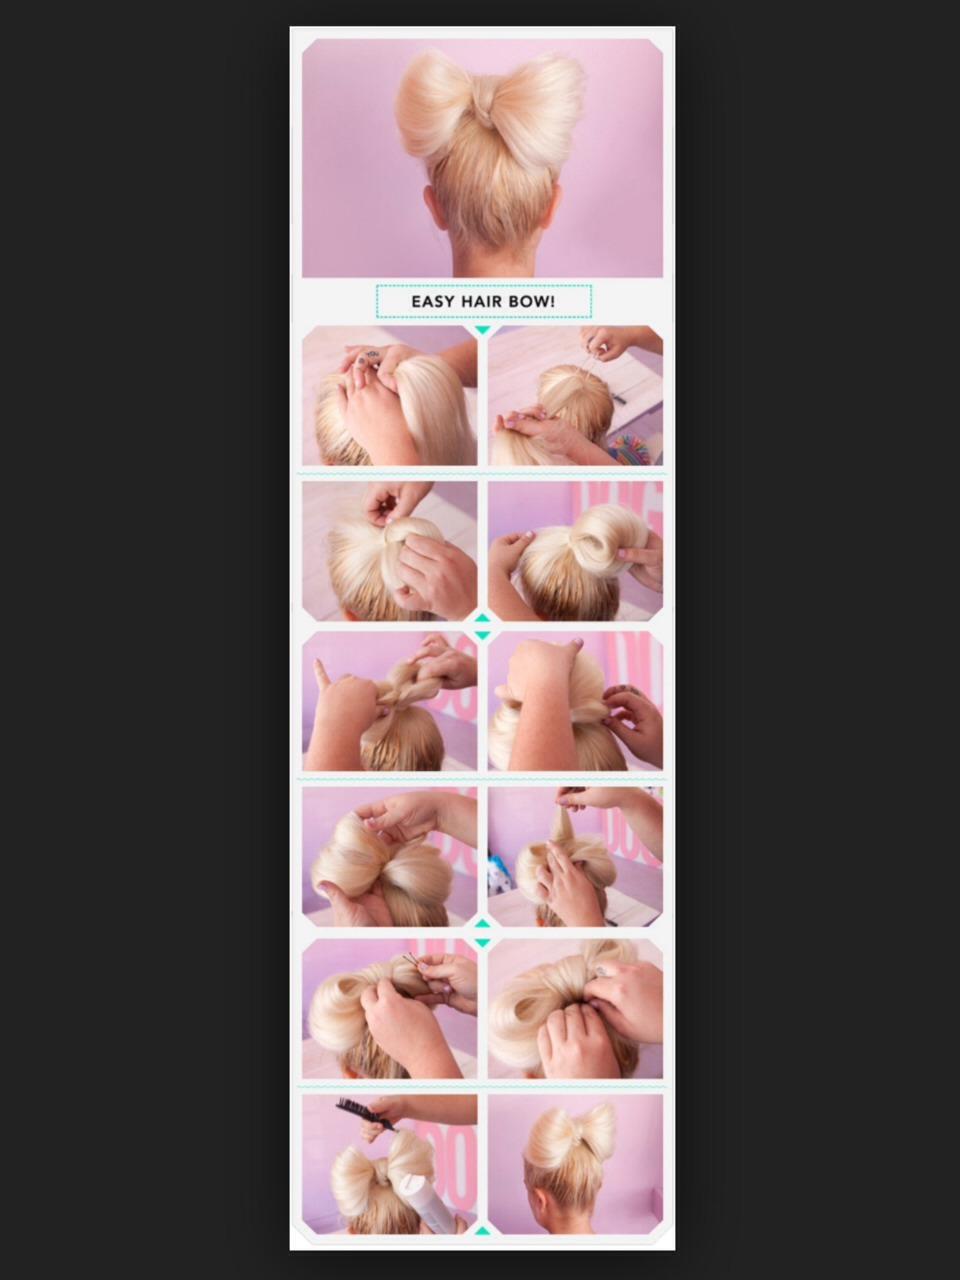 4 идеальных способа, как легко сделать бантик из волос за считанные минуты 43